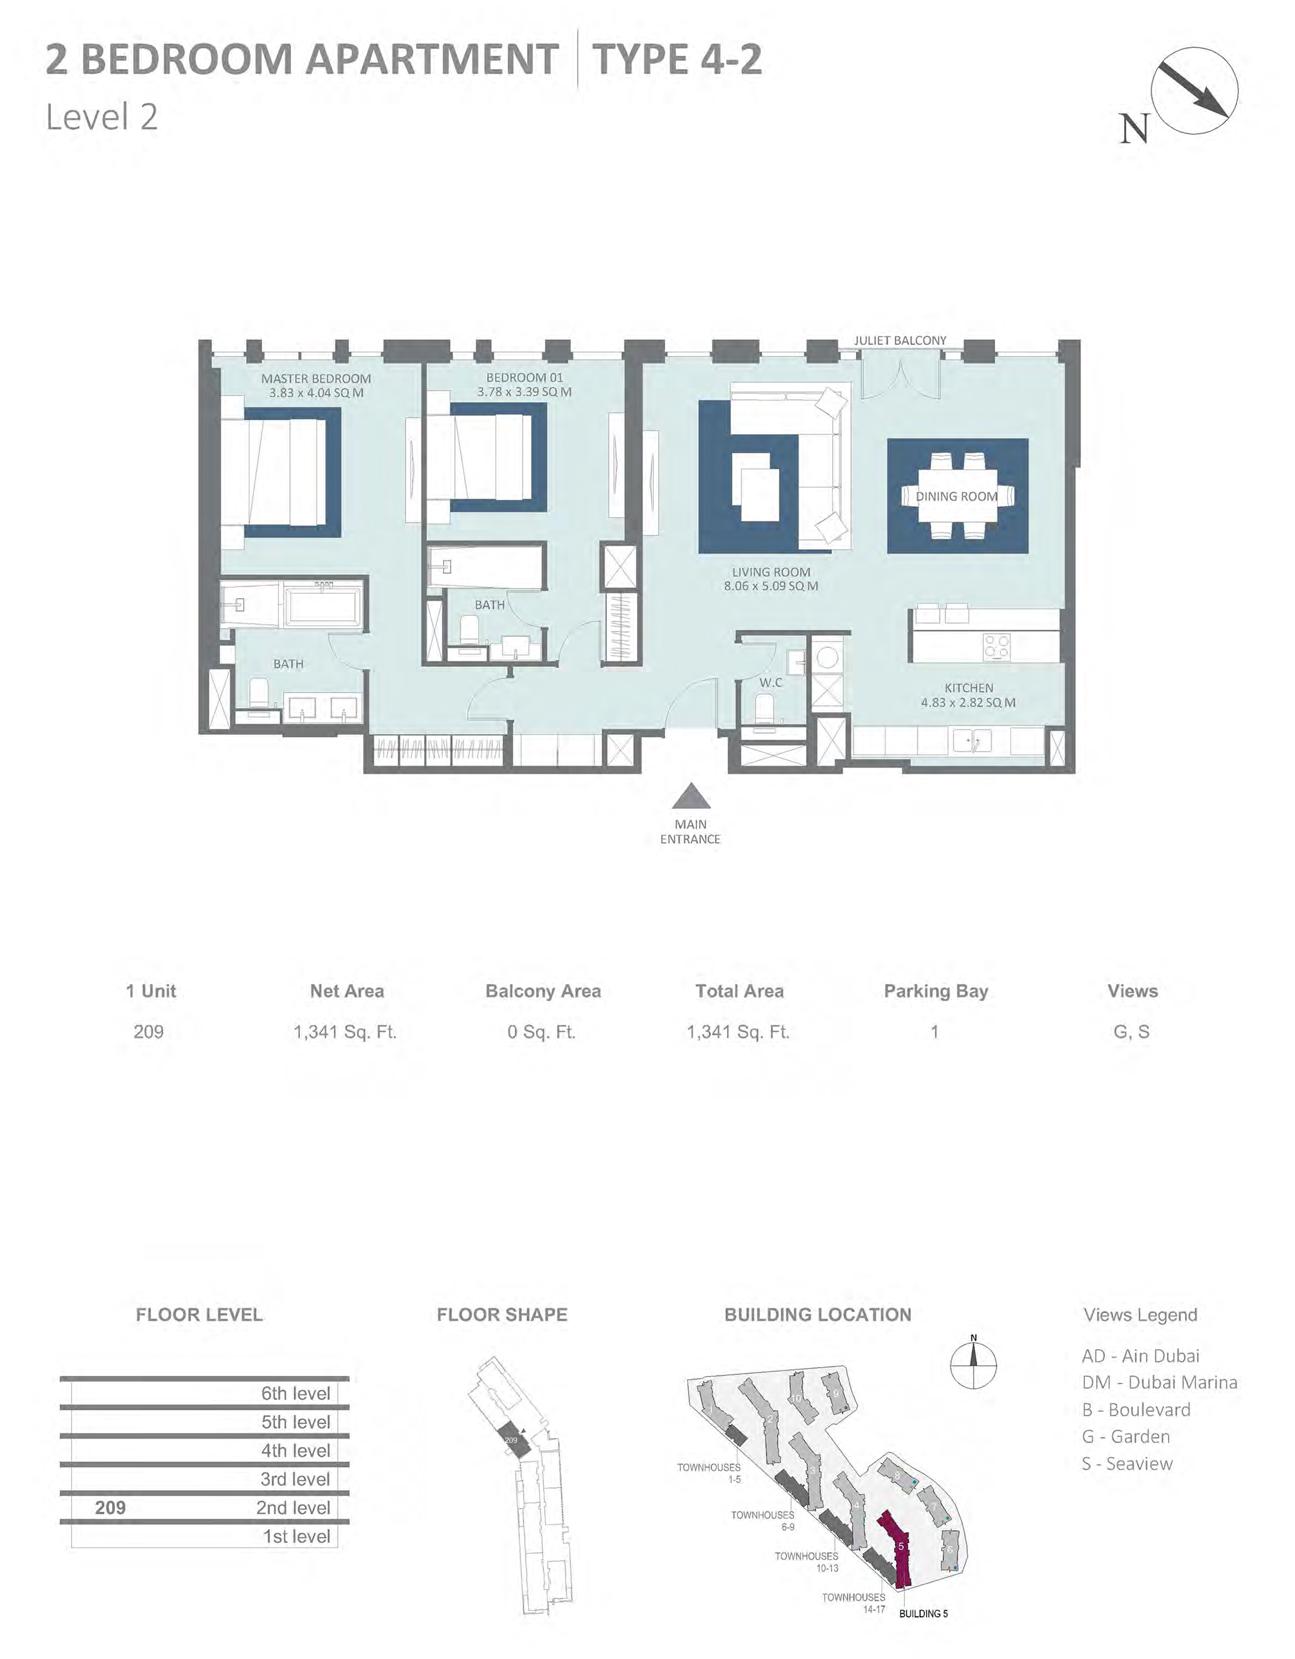 المبنى 5، غرفتي نوم، نوع 4-2، المستوى 2، حجم 1341 قدم مربع